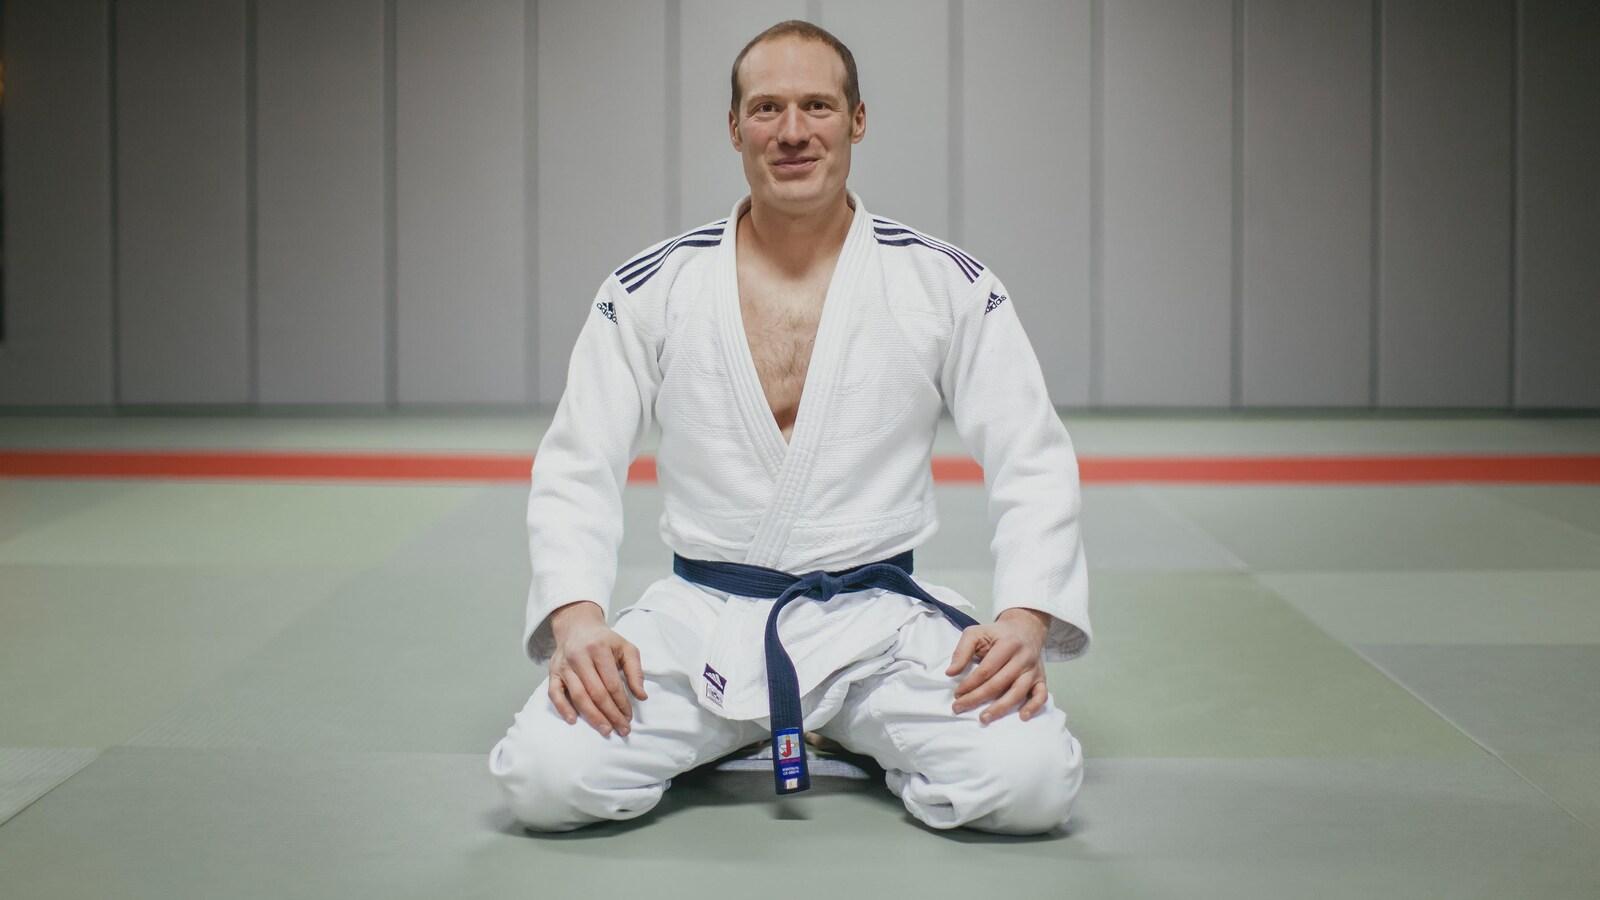 Un homme dans un habit d'art martial est à genoux dans un gymnase.